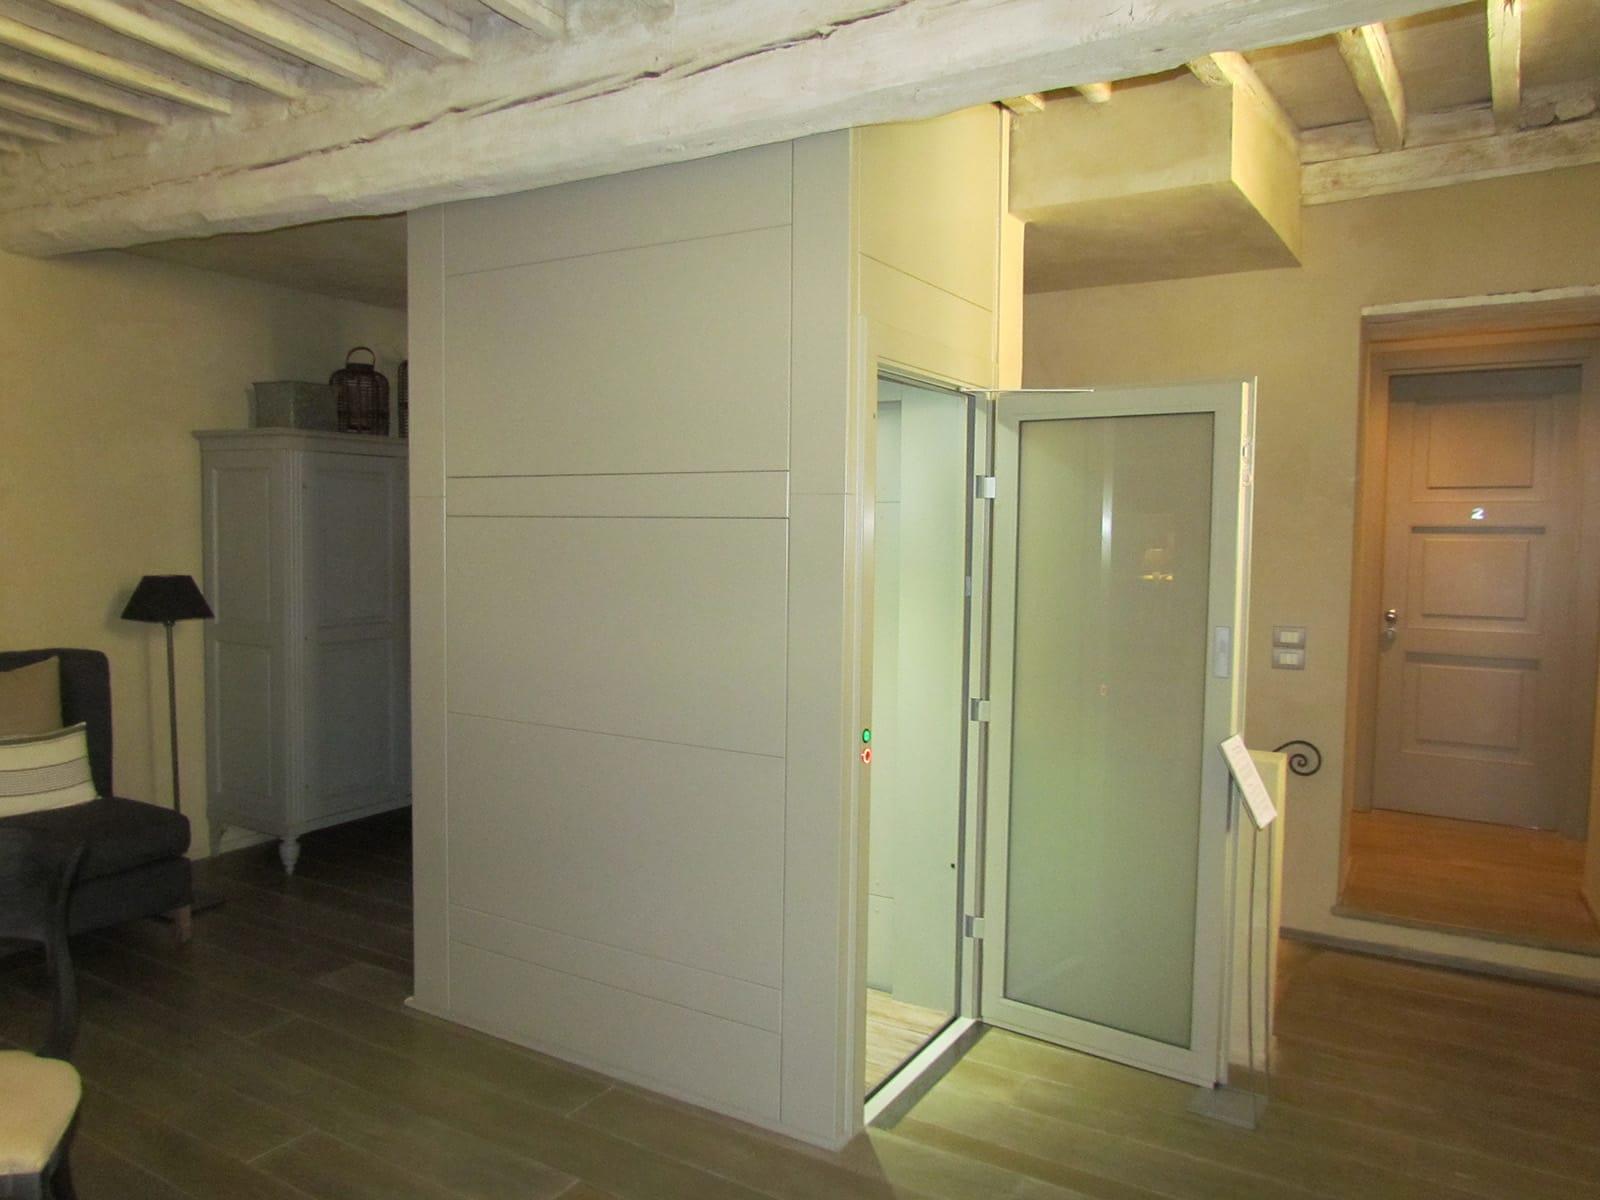 Piattaforme elevatrici minilift e mini ascensori a for Montacarichi usati